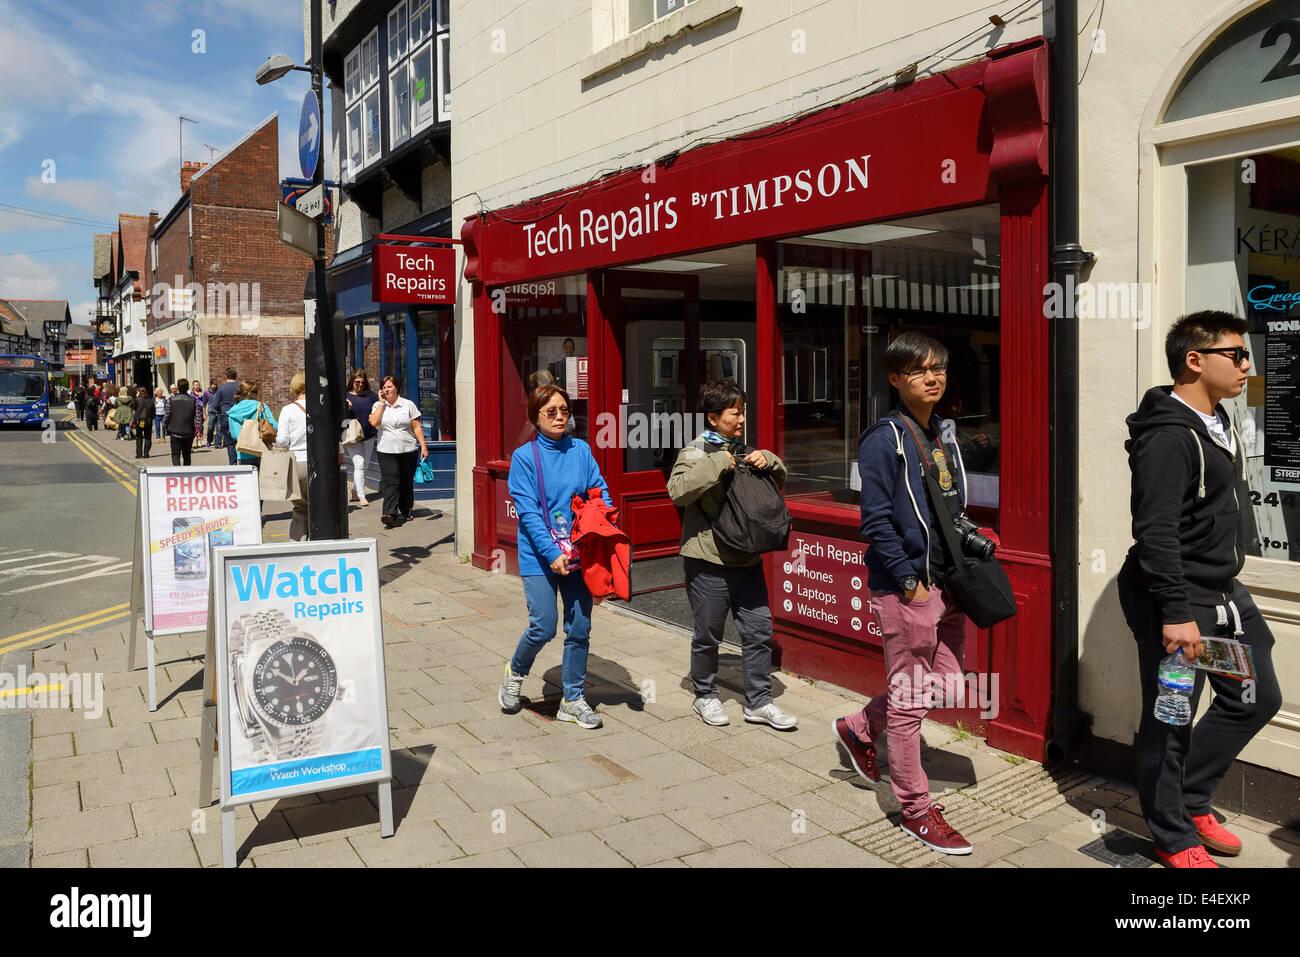 La gente en frente de una tienda de reparaciones Timpson Tech Imagen De Stock